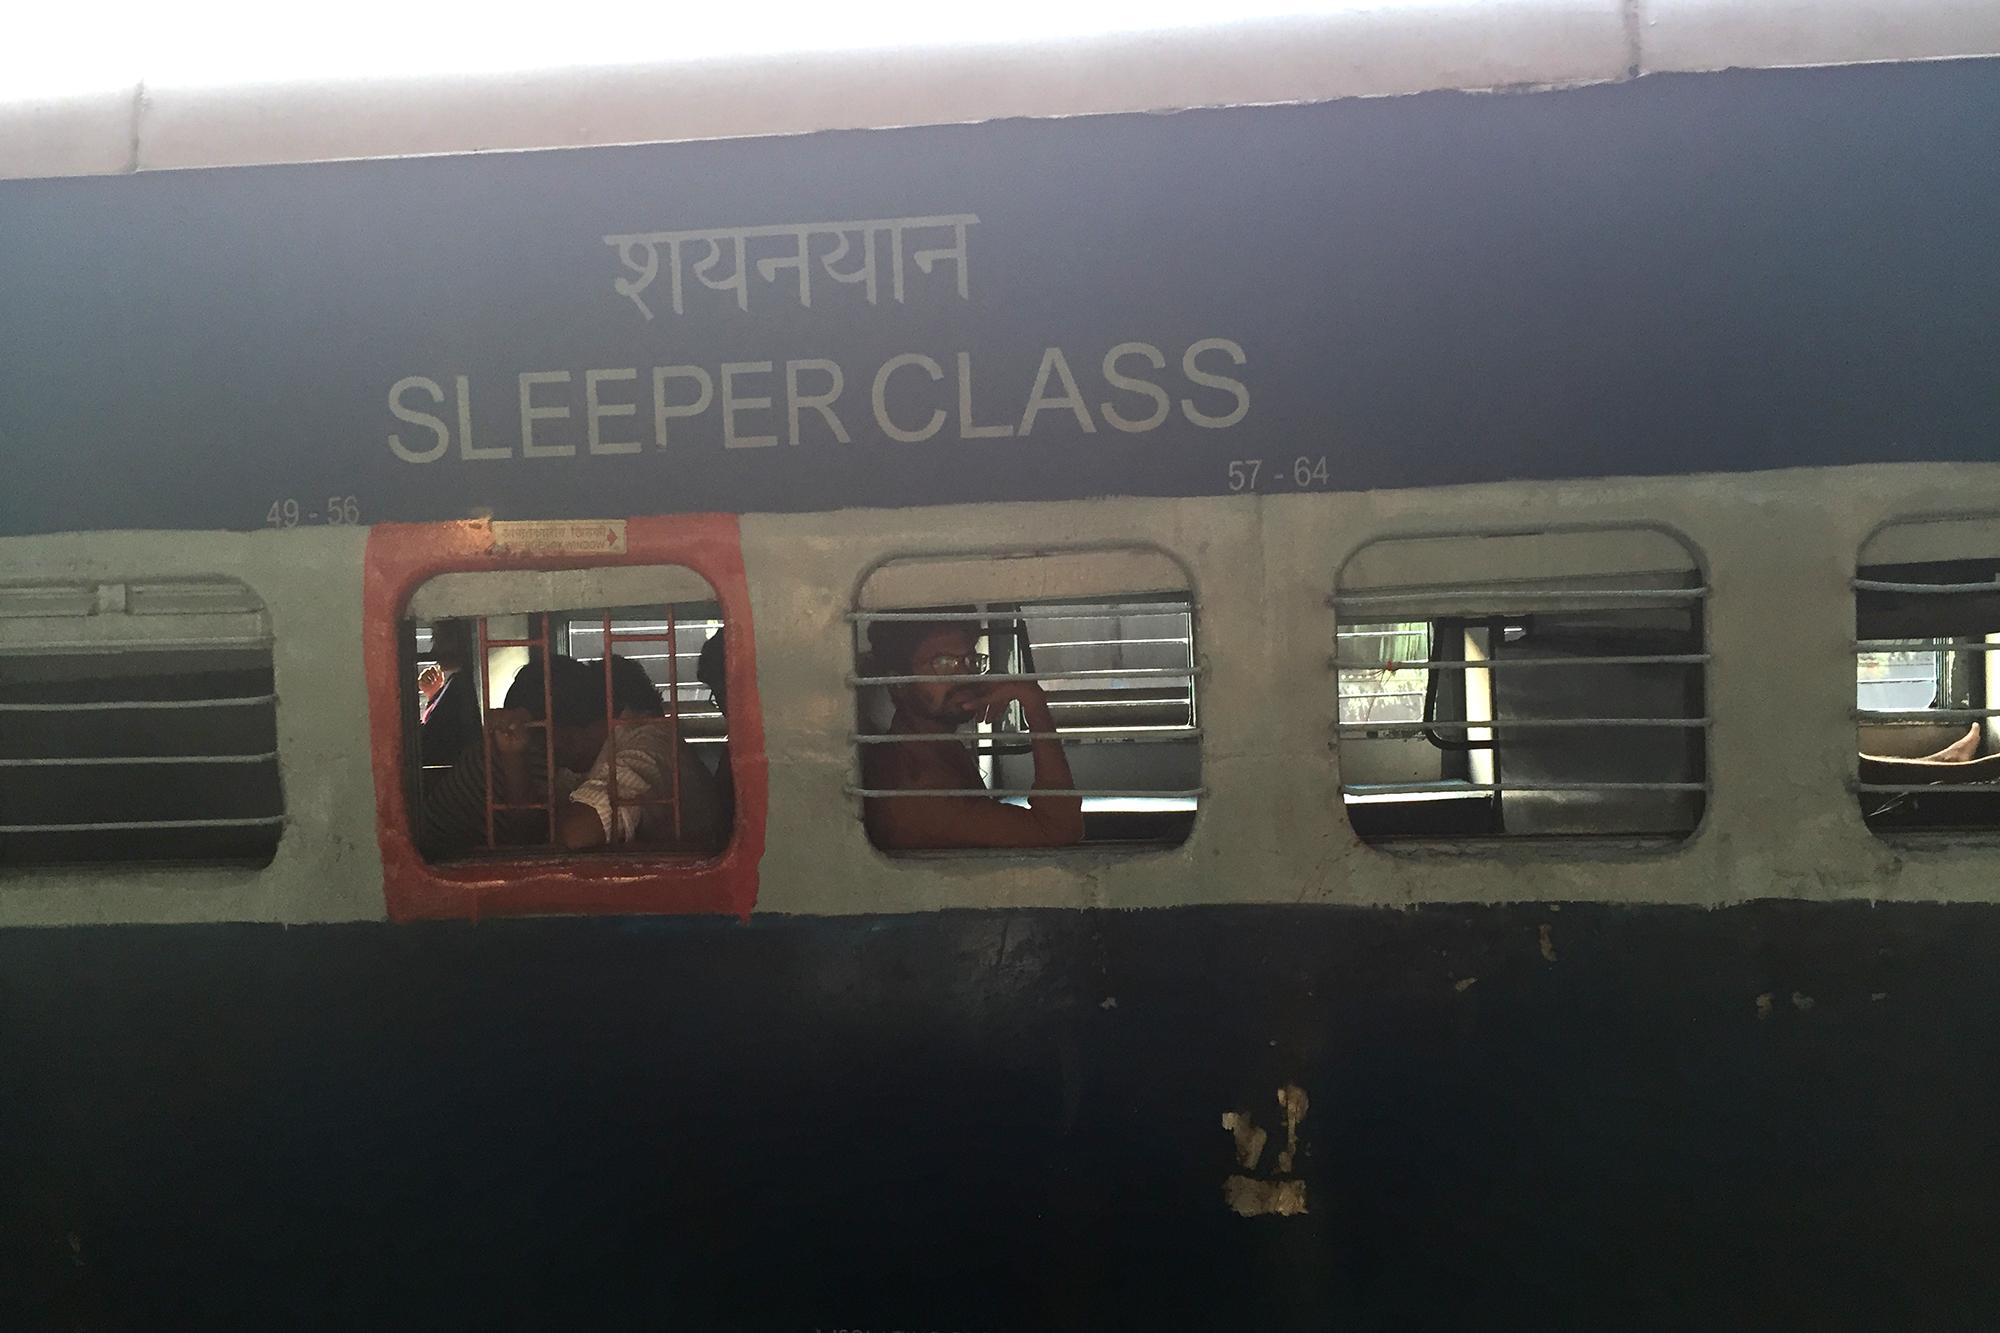 火车厢卧铺座位